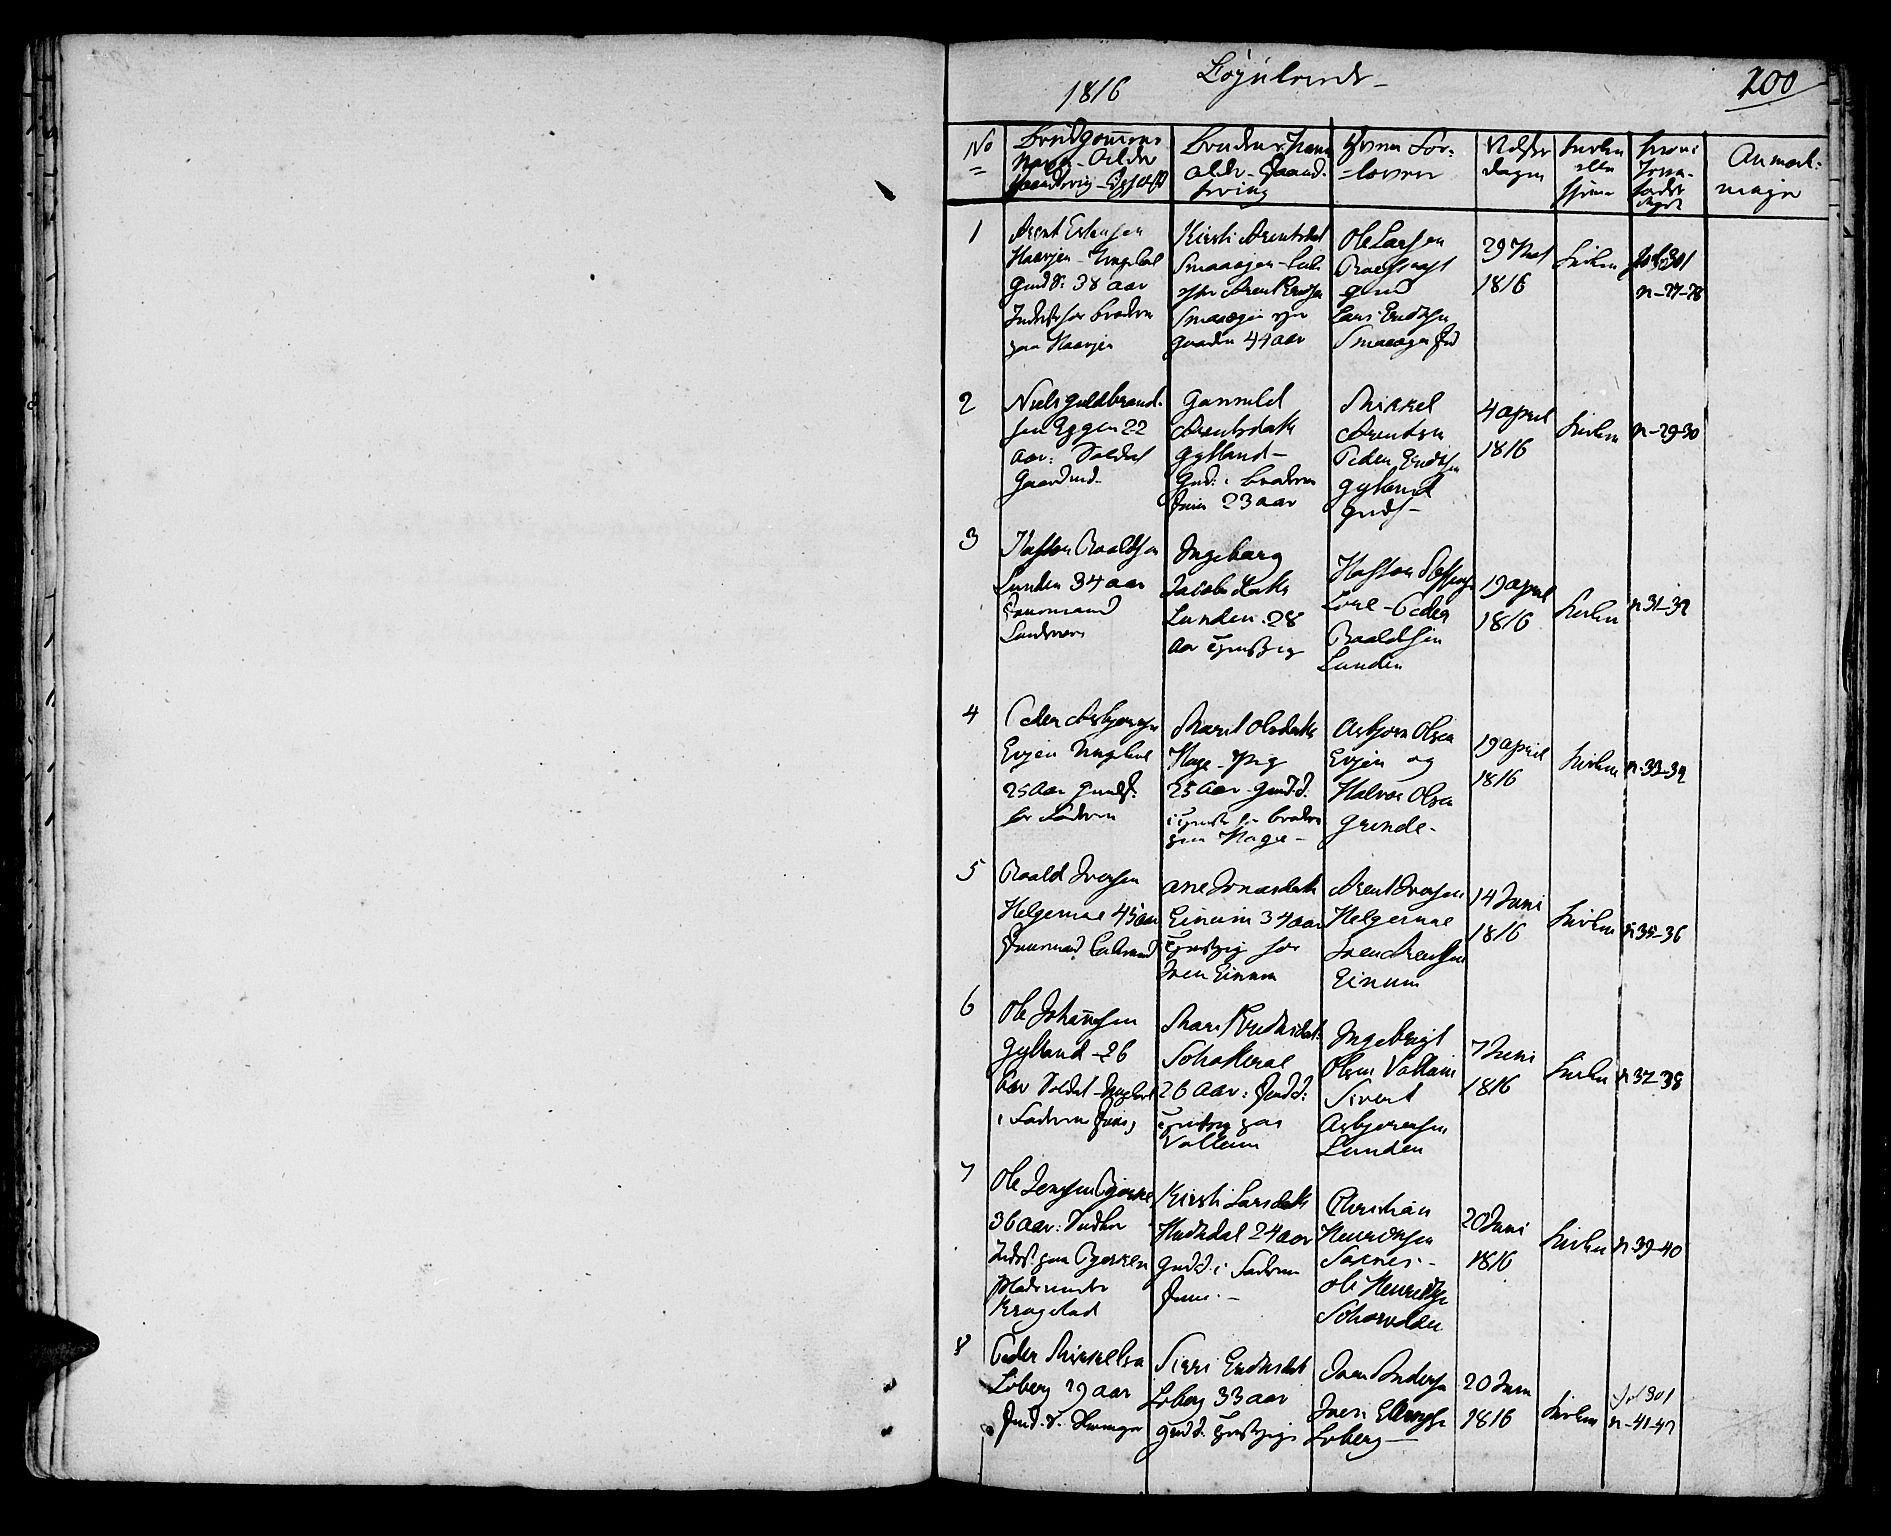 SAT, Ministerialprotokoller, klokkerbøker og fødselsregistre - Sør-Trøndelag, 692/L1108: Klokkerbok nr. 692C03, 1816-1833, s. 200